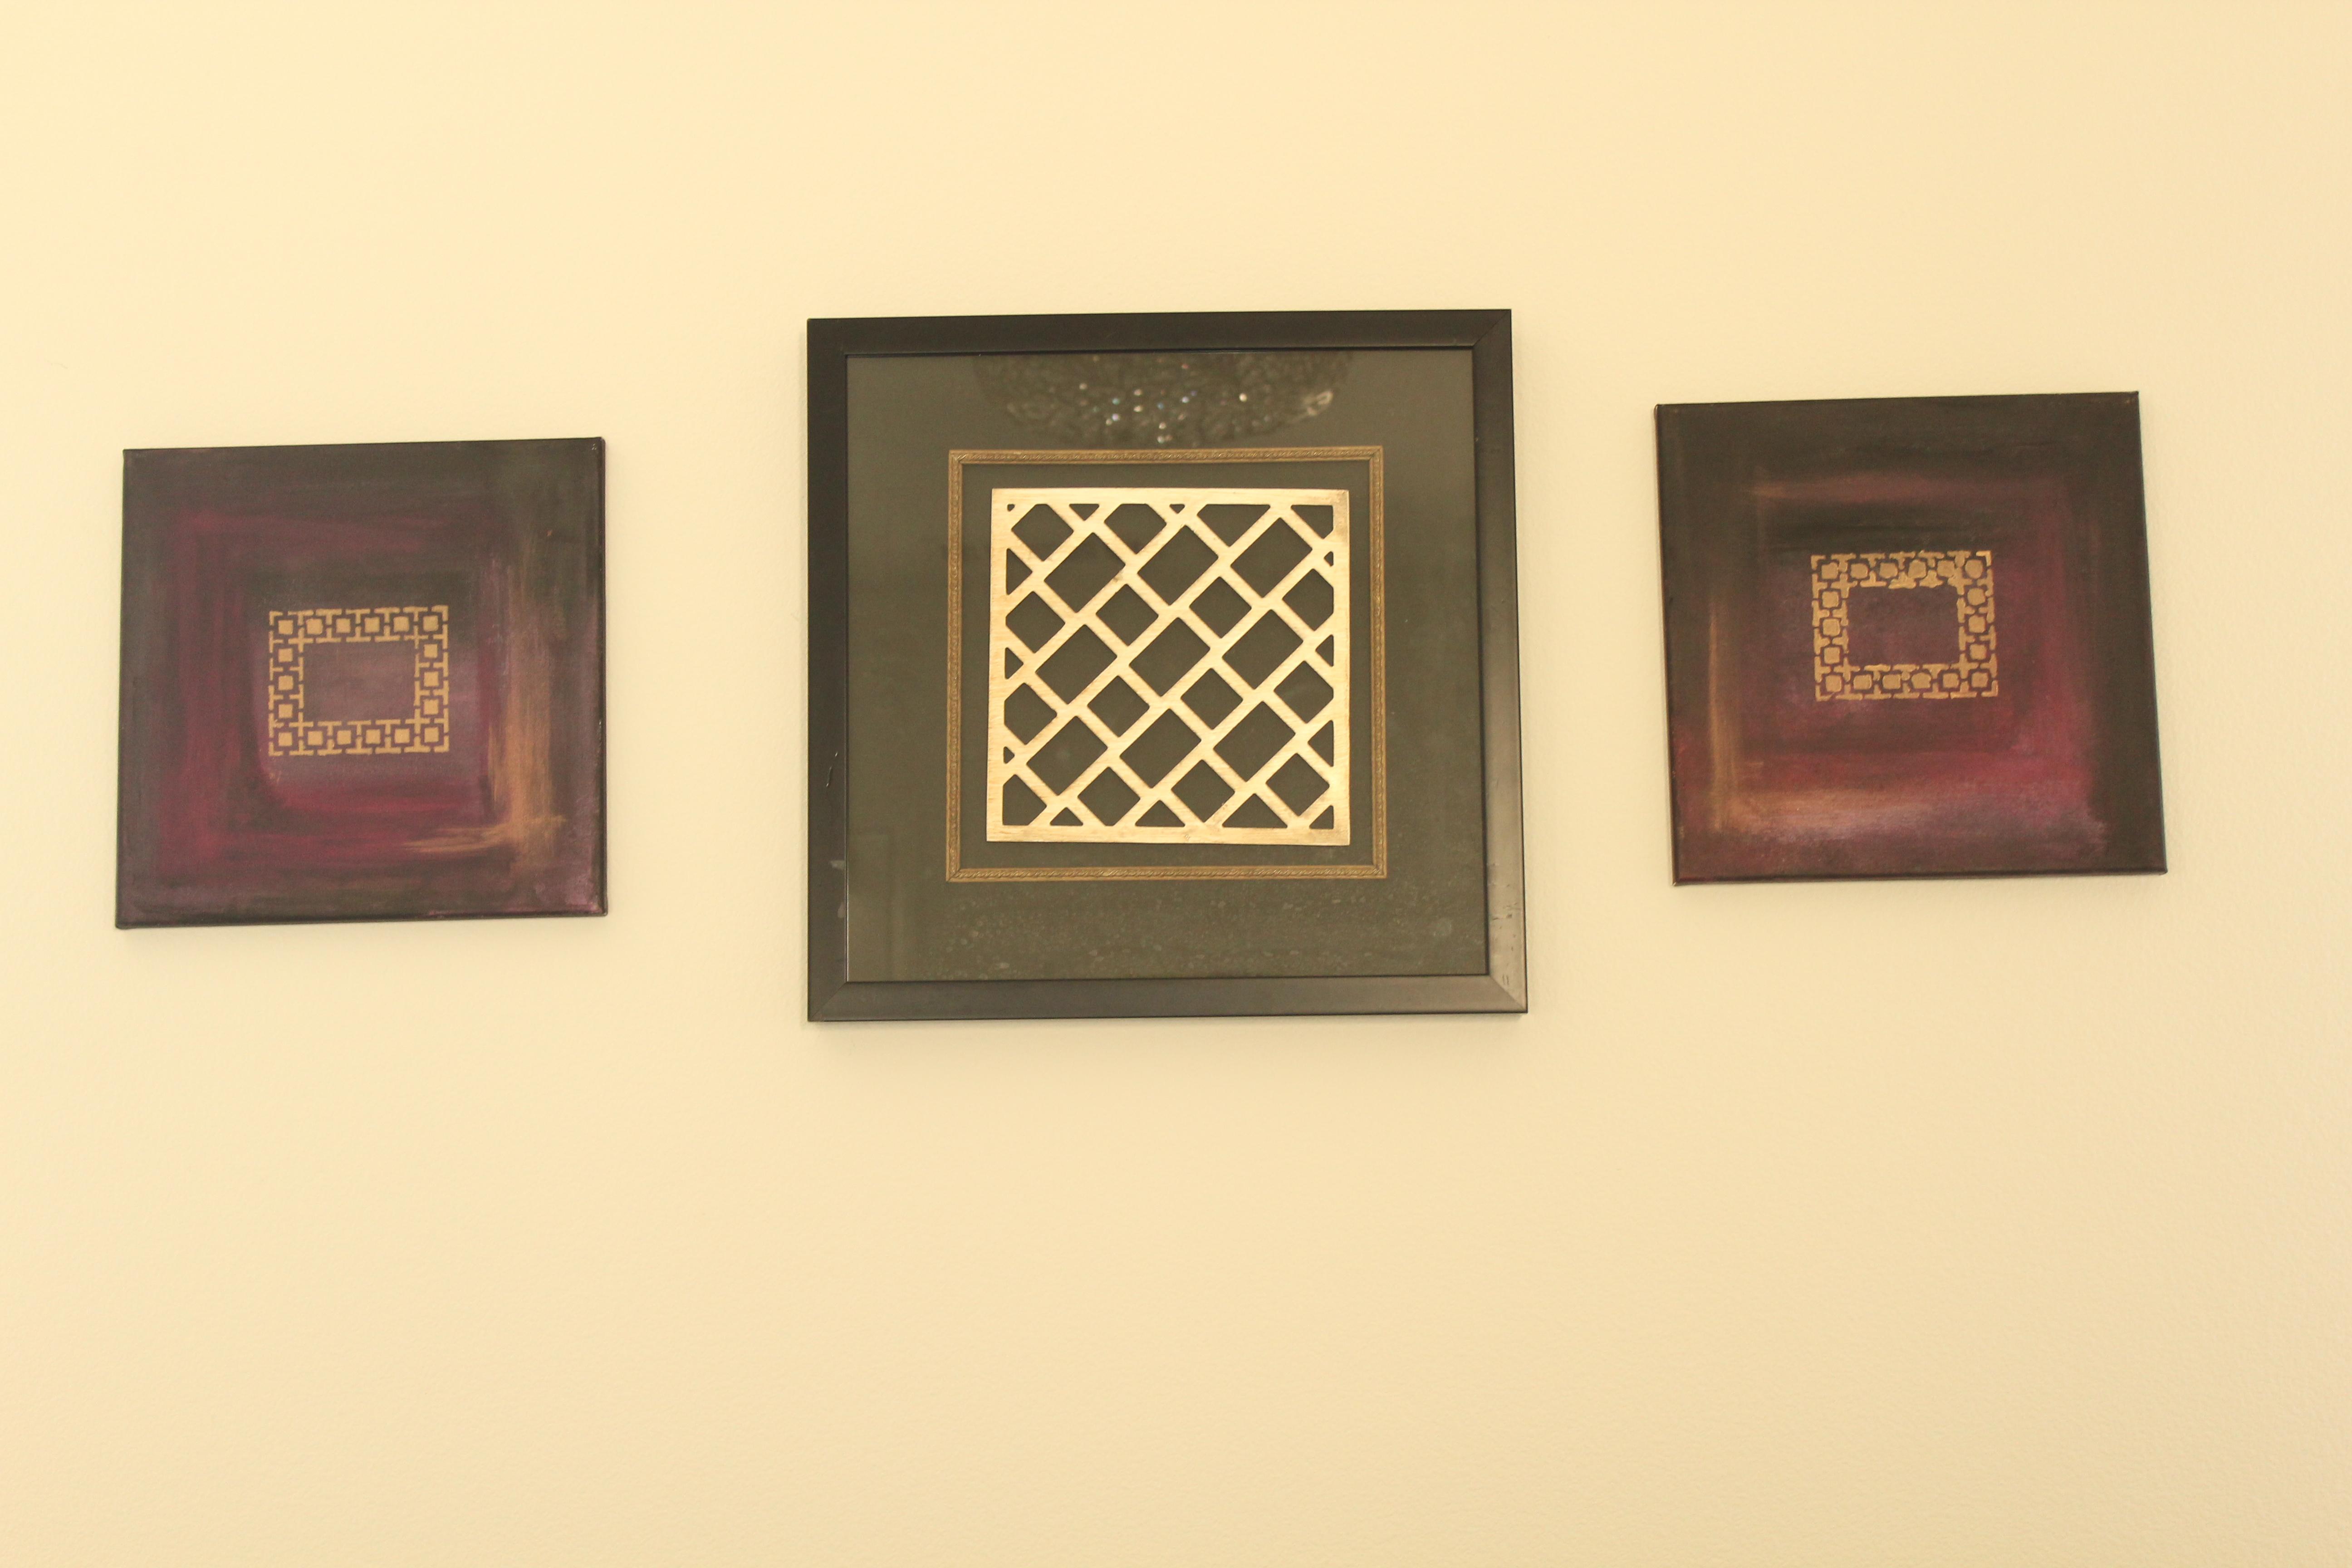 Black & pulple shade frame